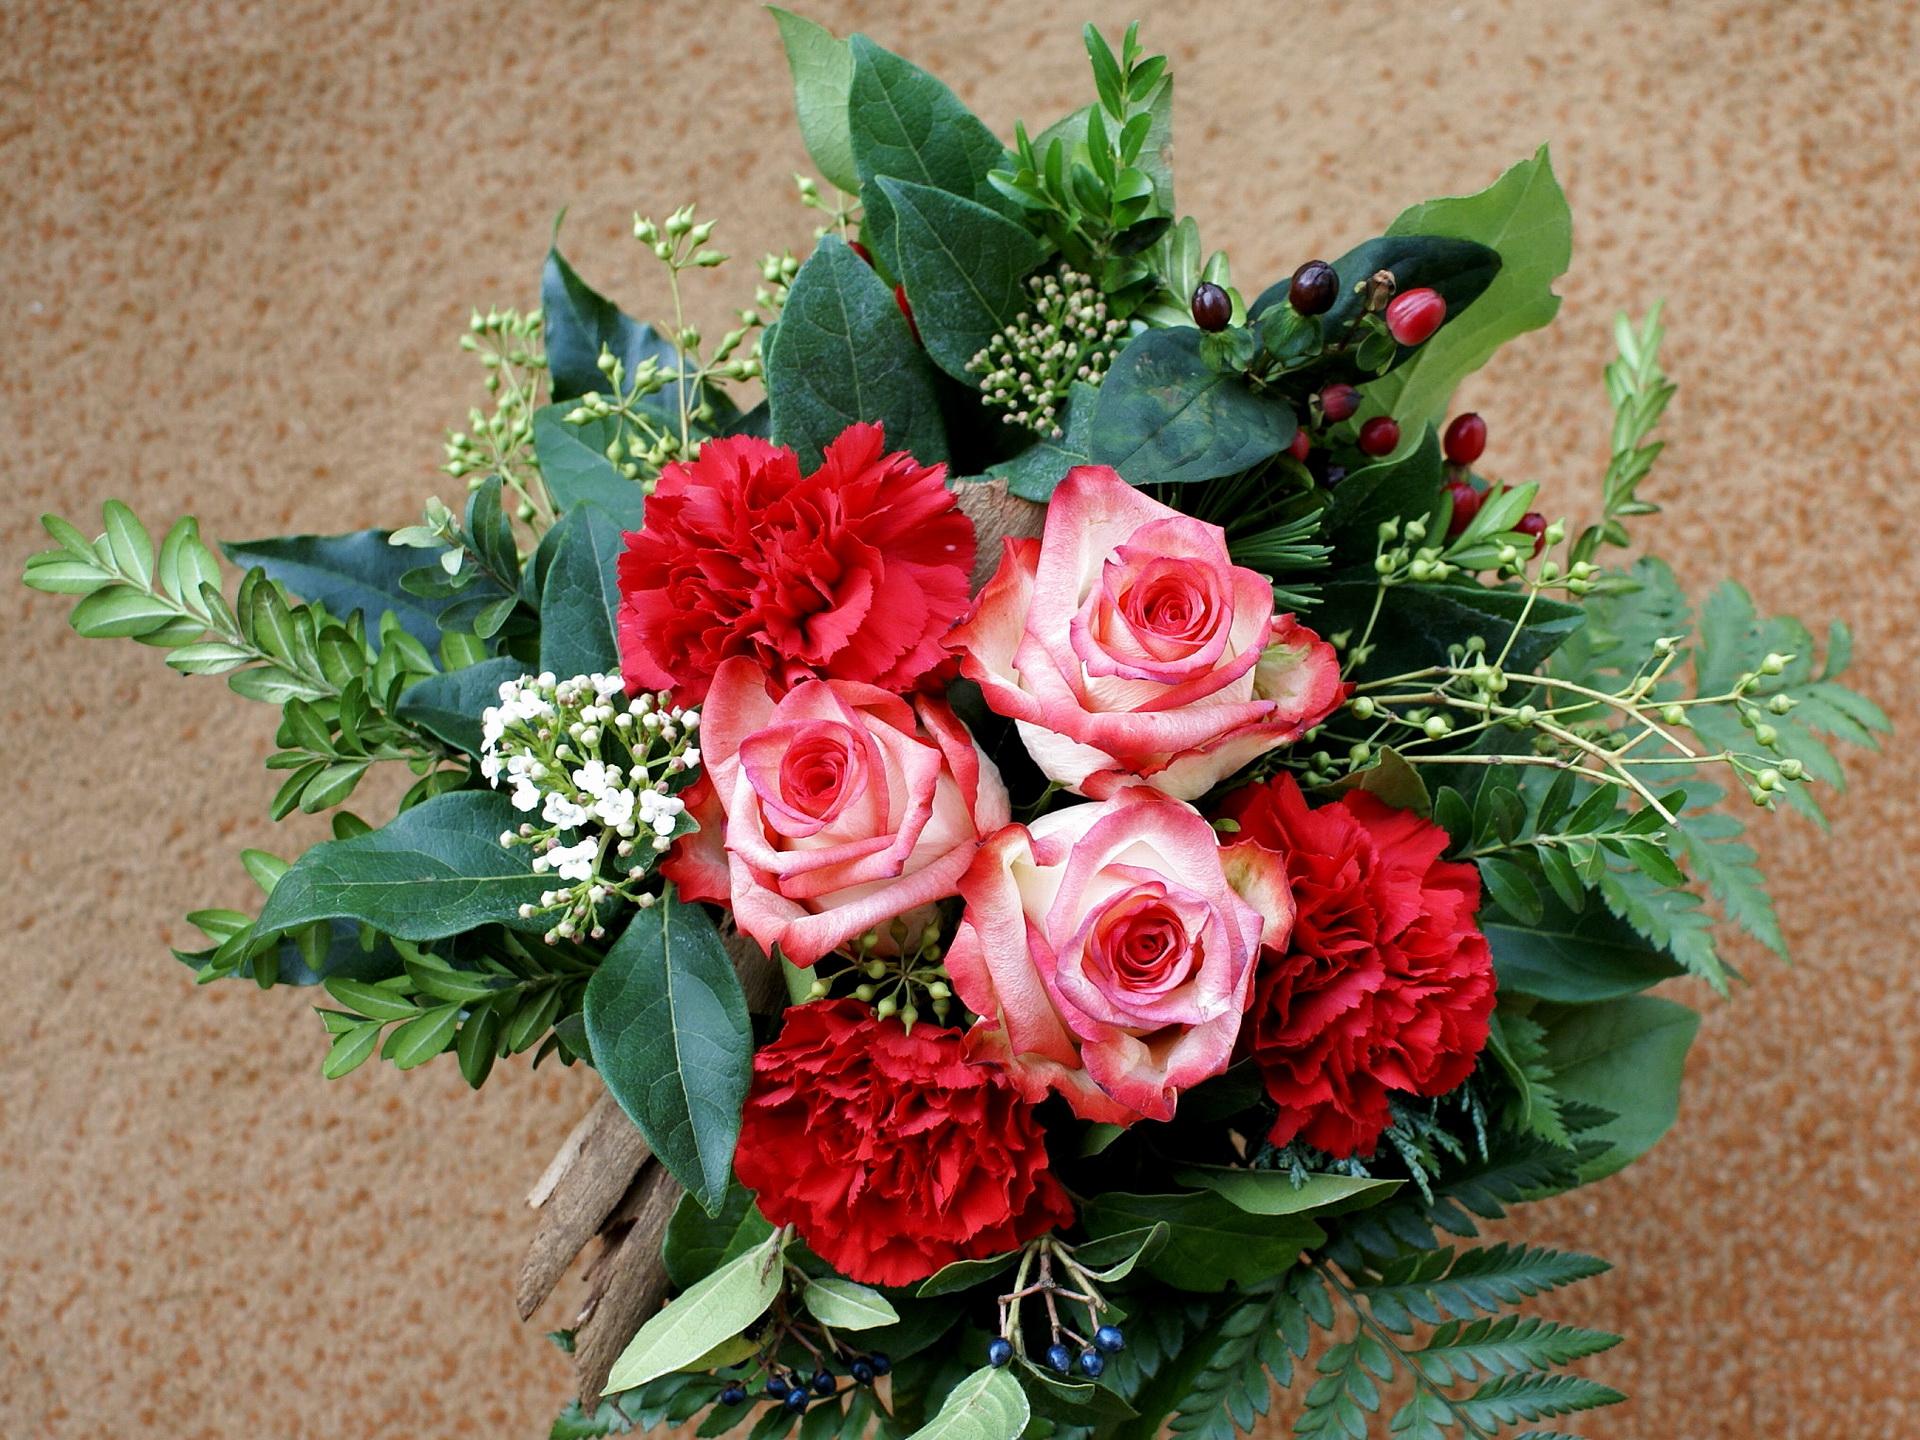 розы, букет, зелень загрузить